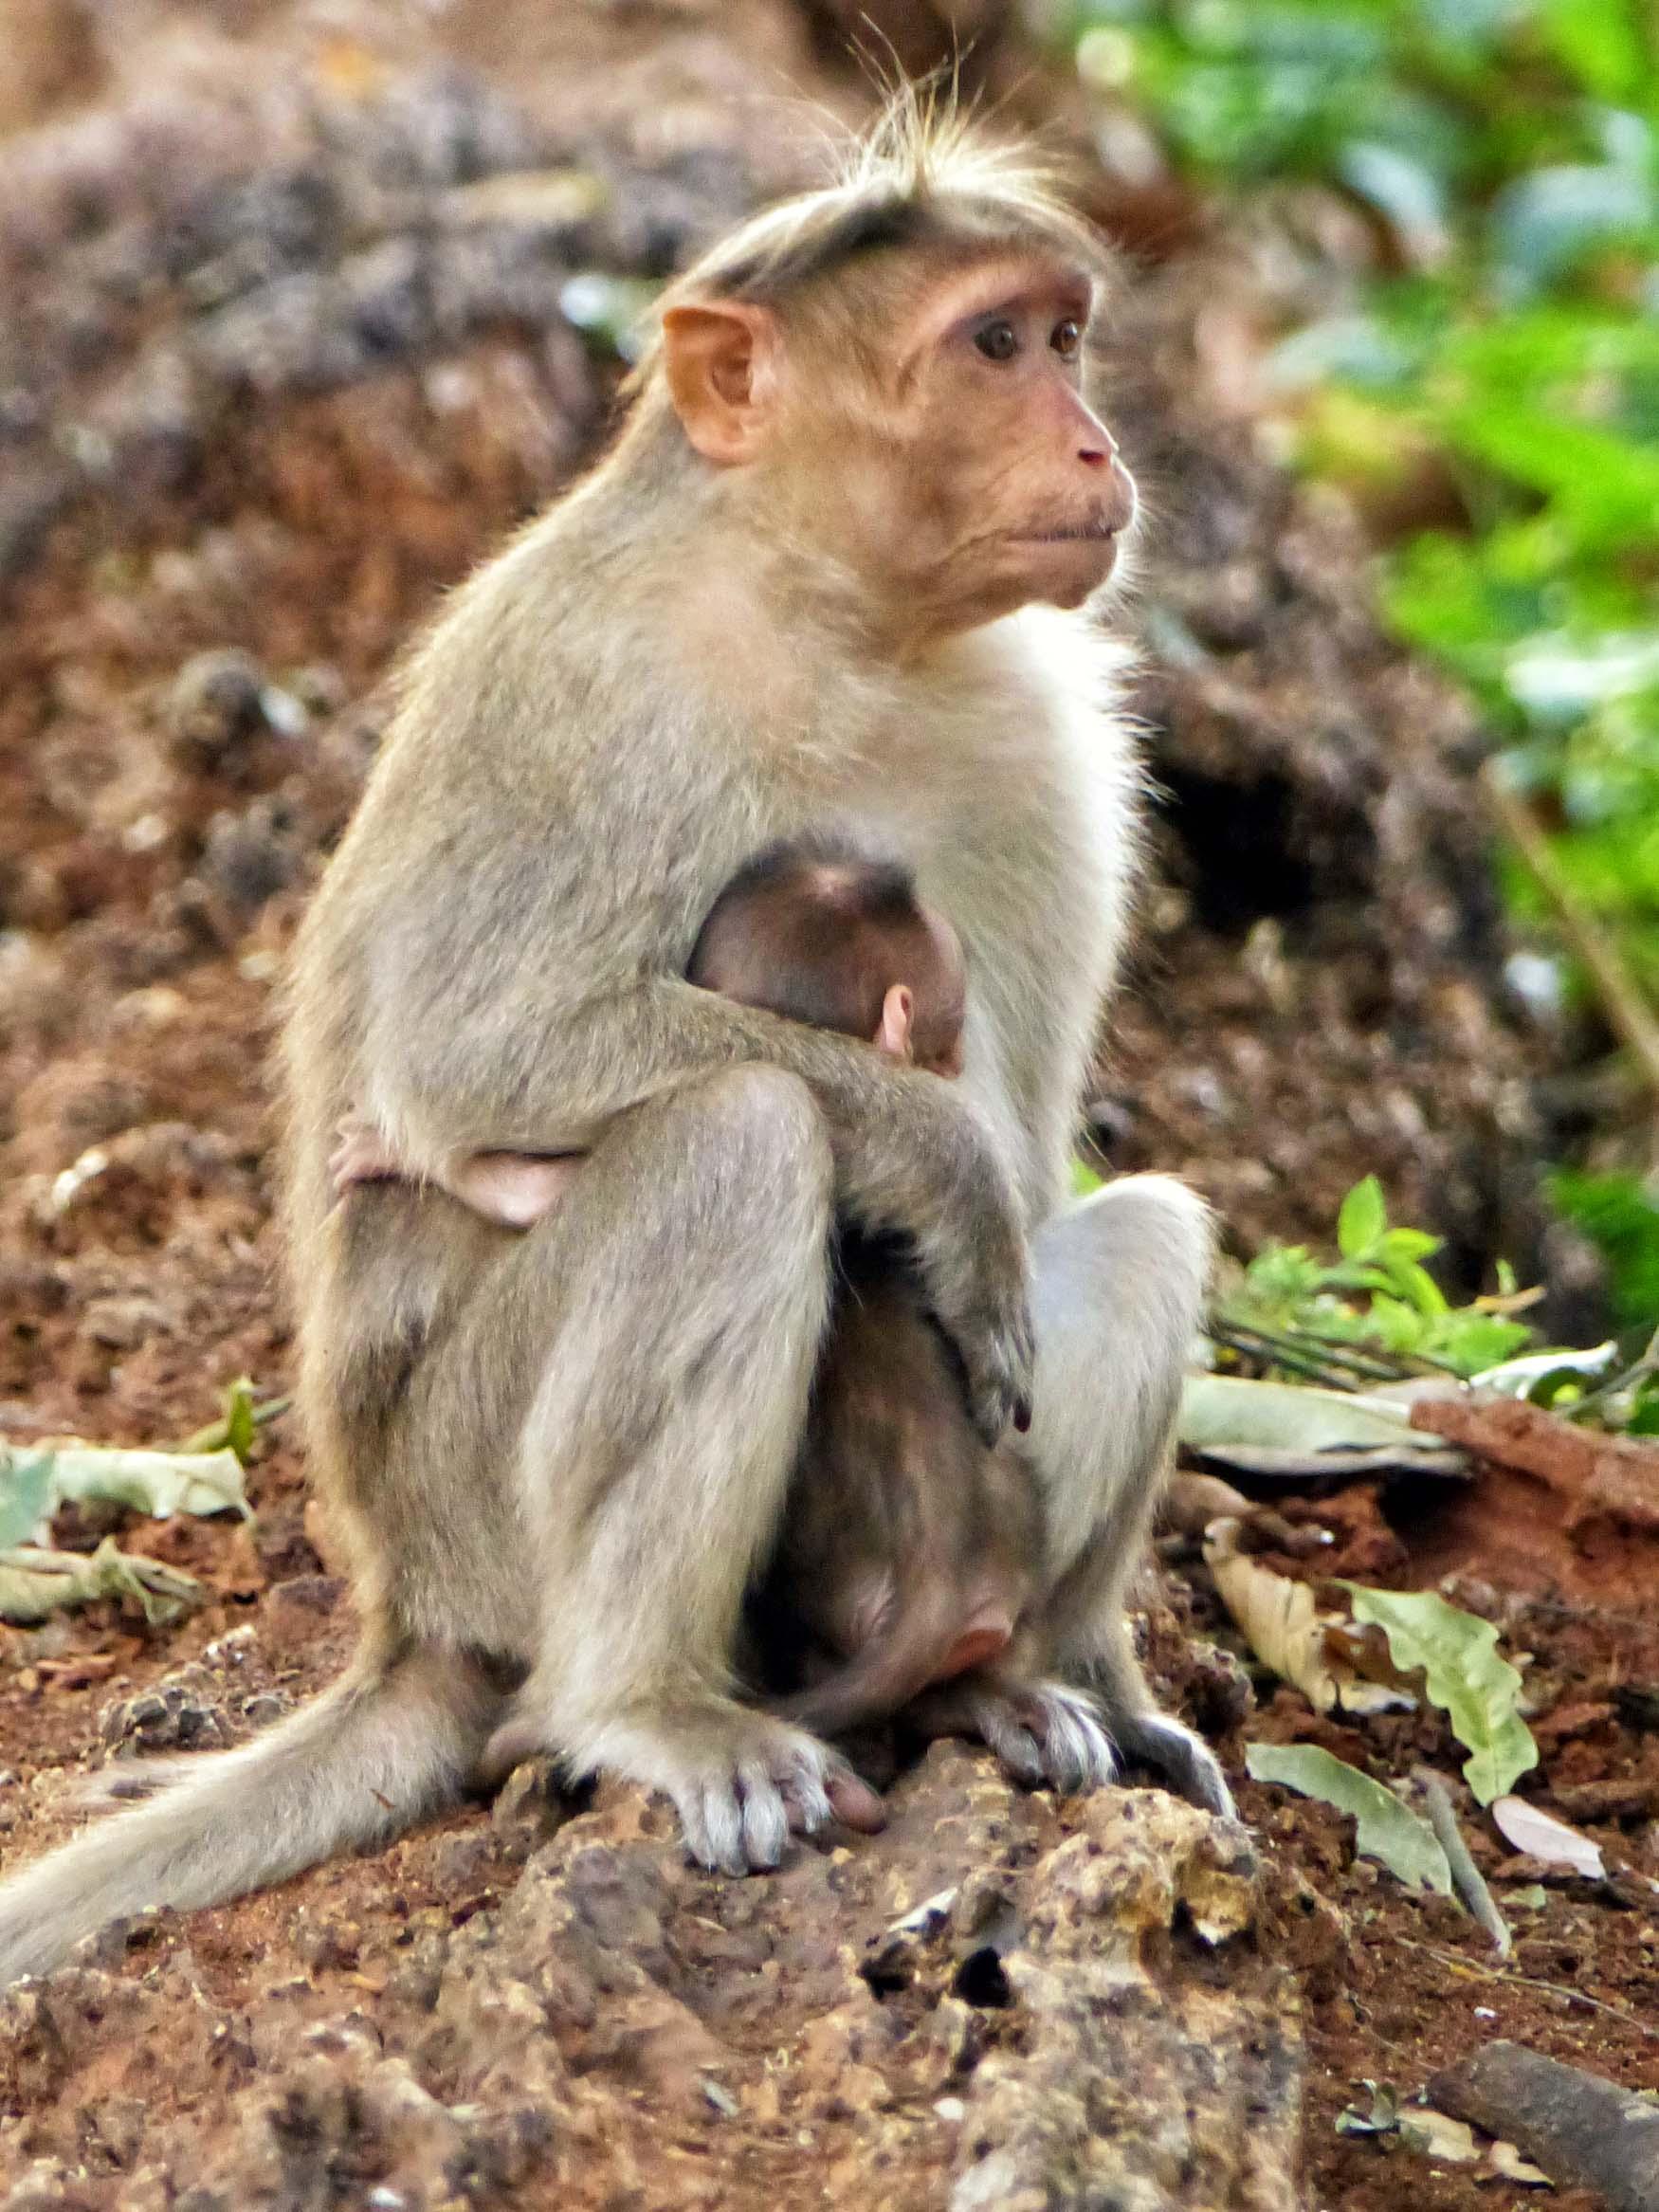 Monkey holding baby